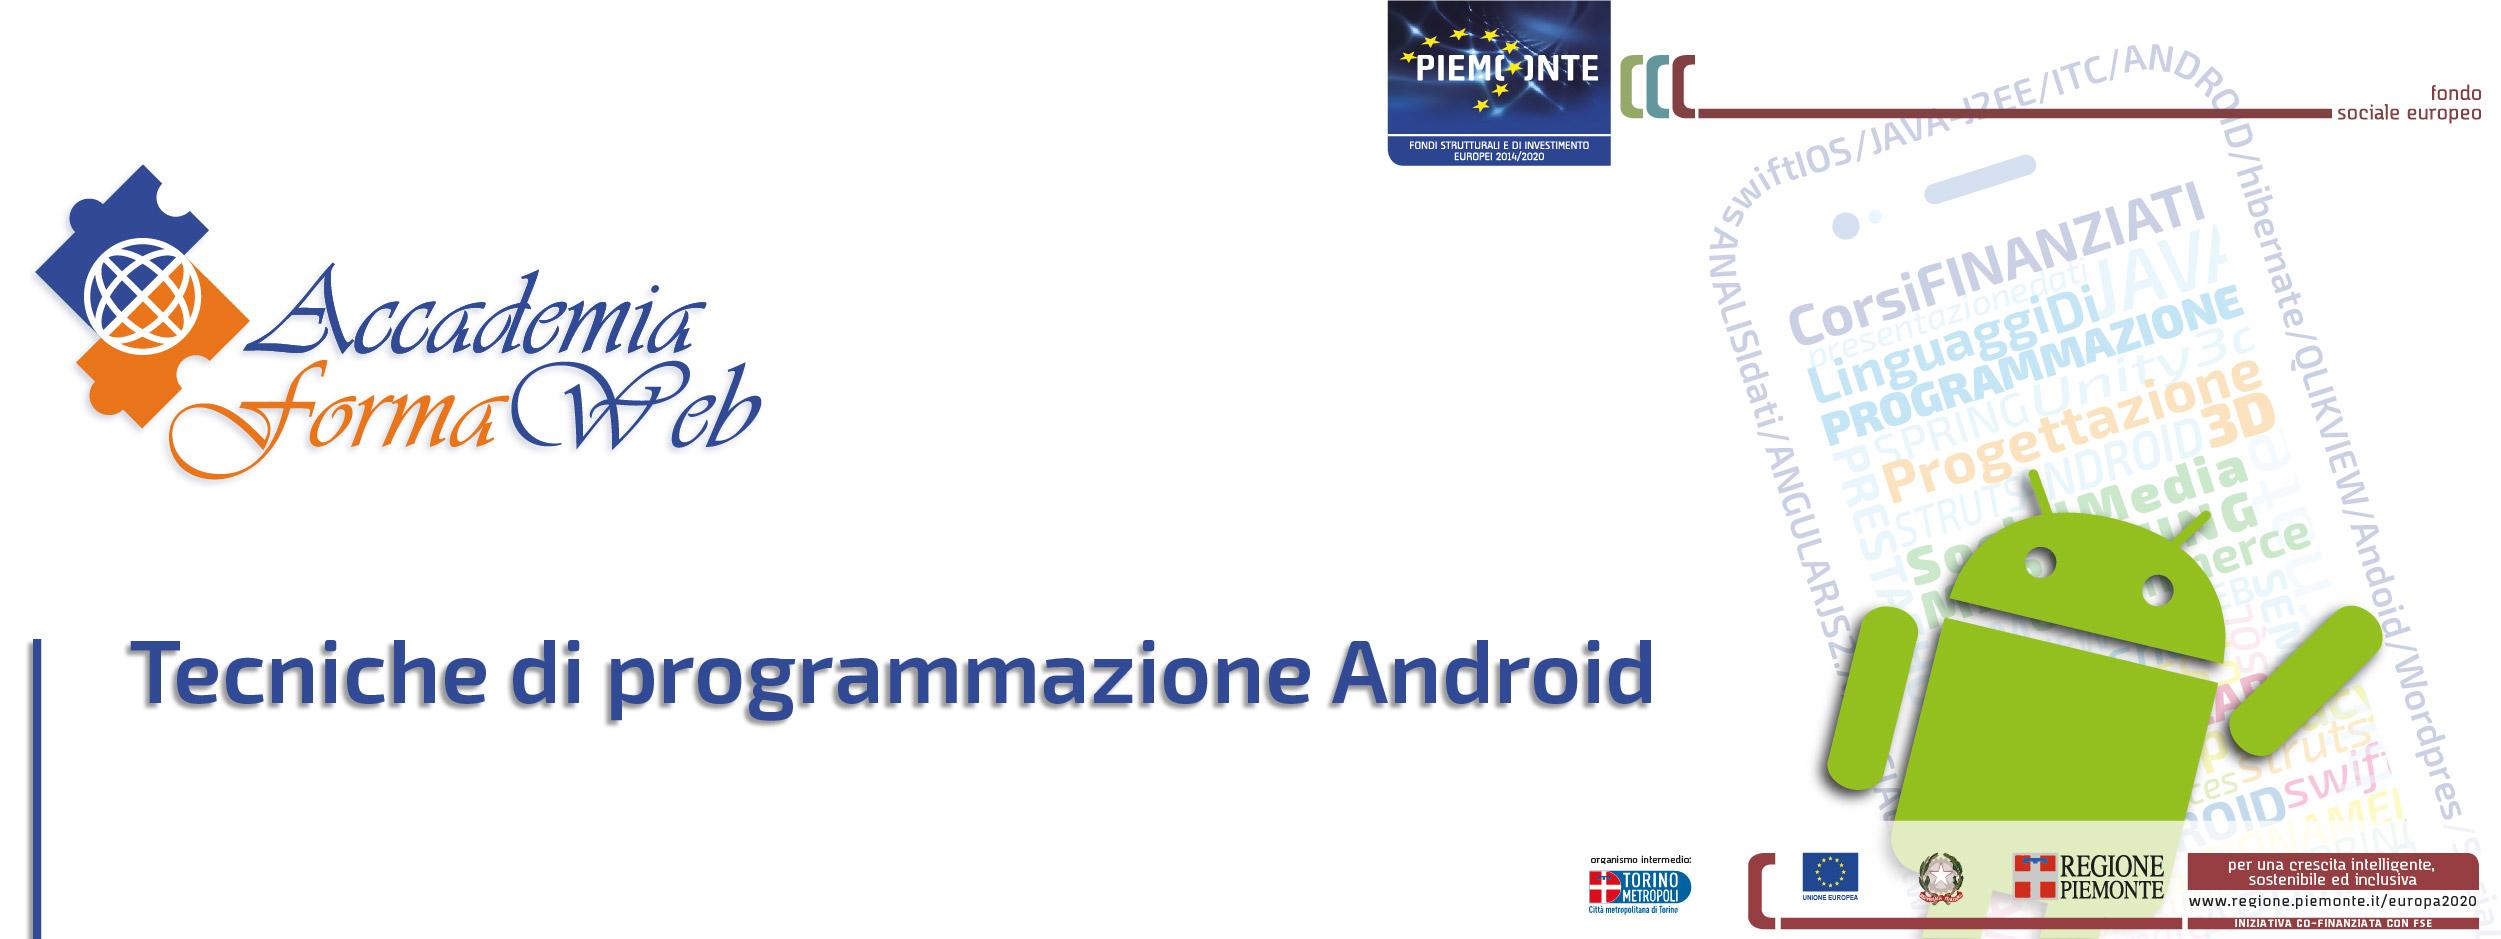 corso_finanziato_android